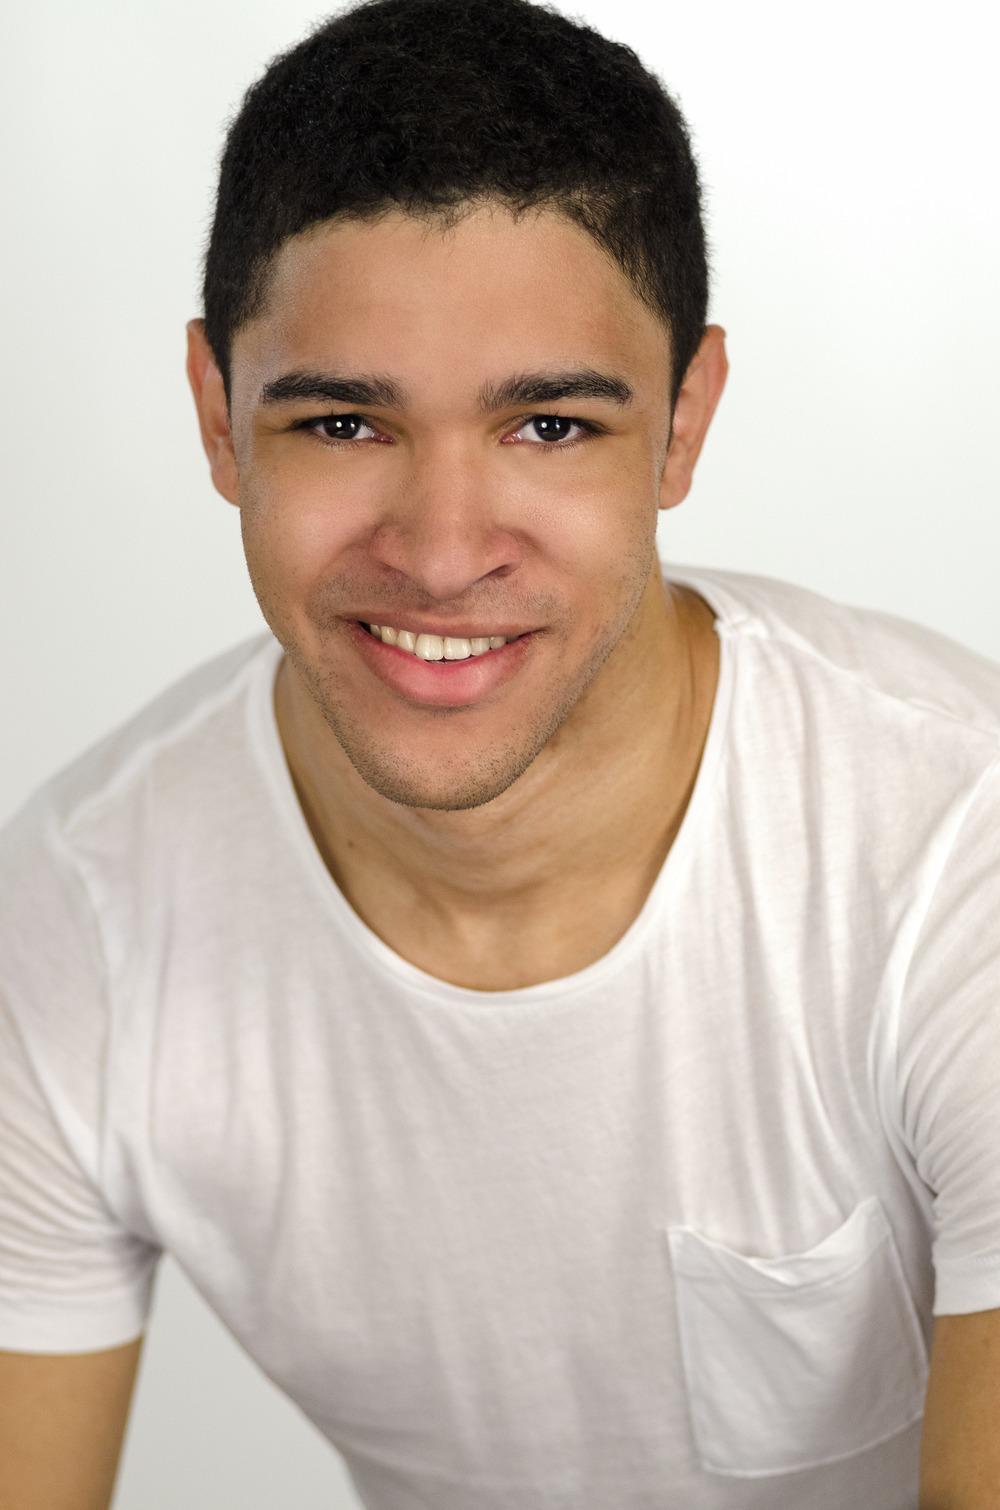 Aaron Michael Krueger